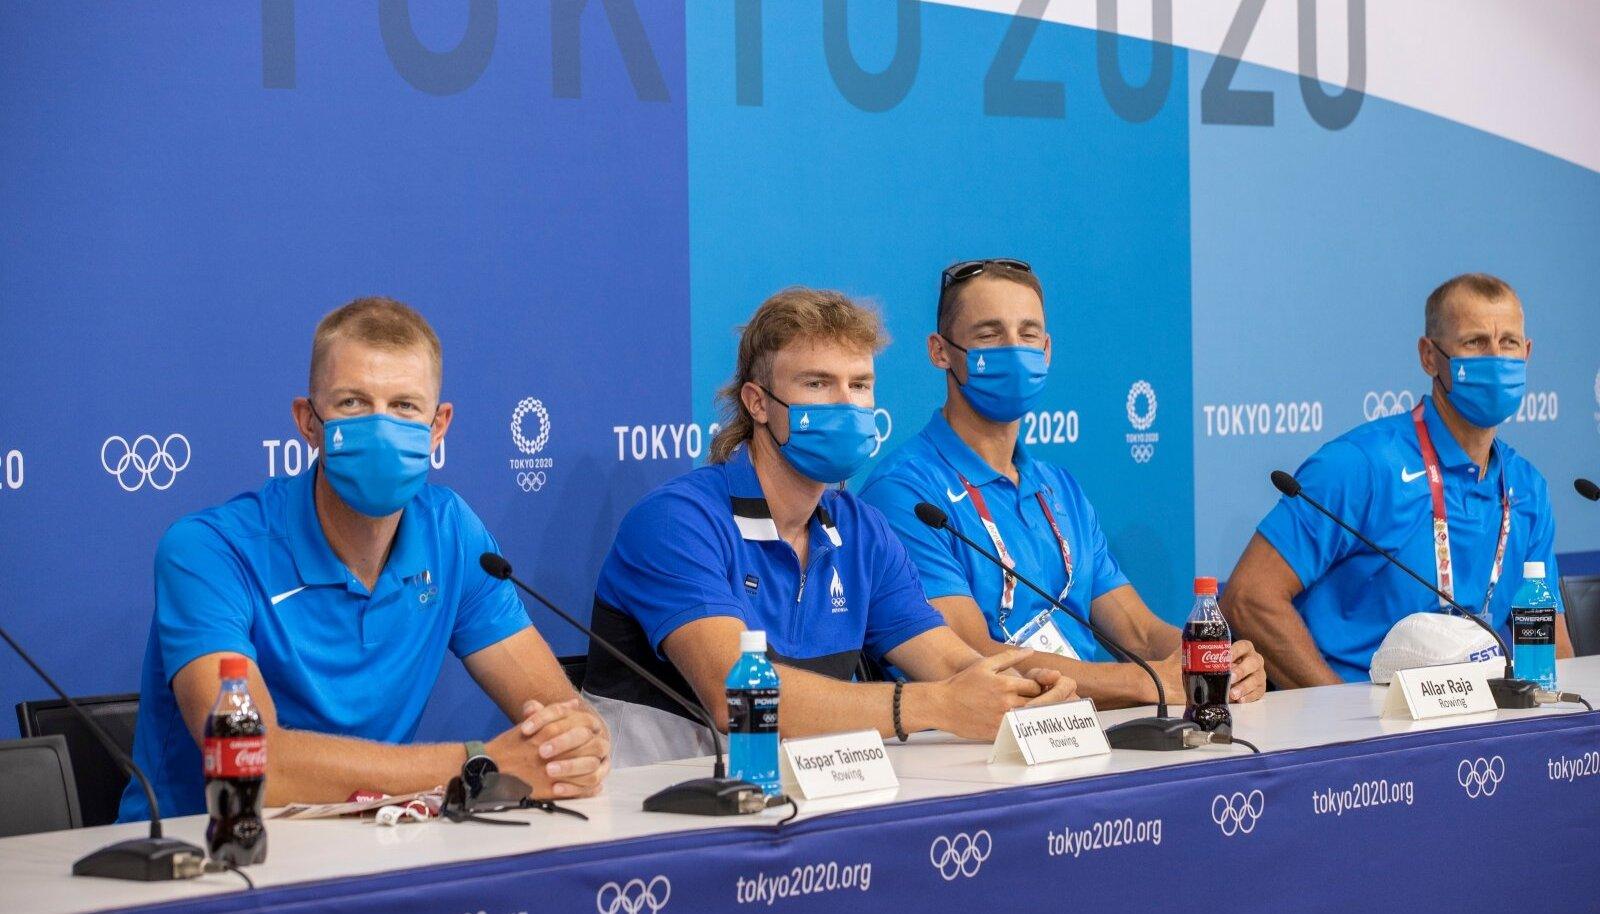 Eesti sõudjad pressikonverentsil